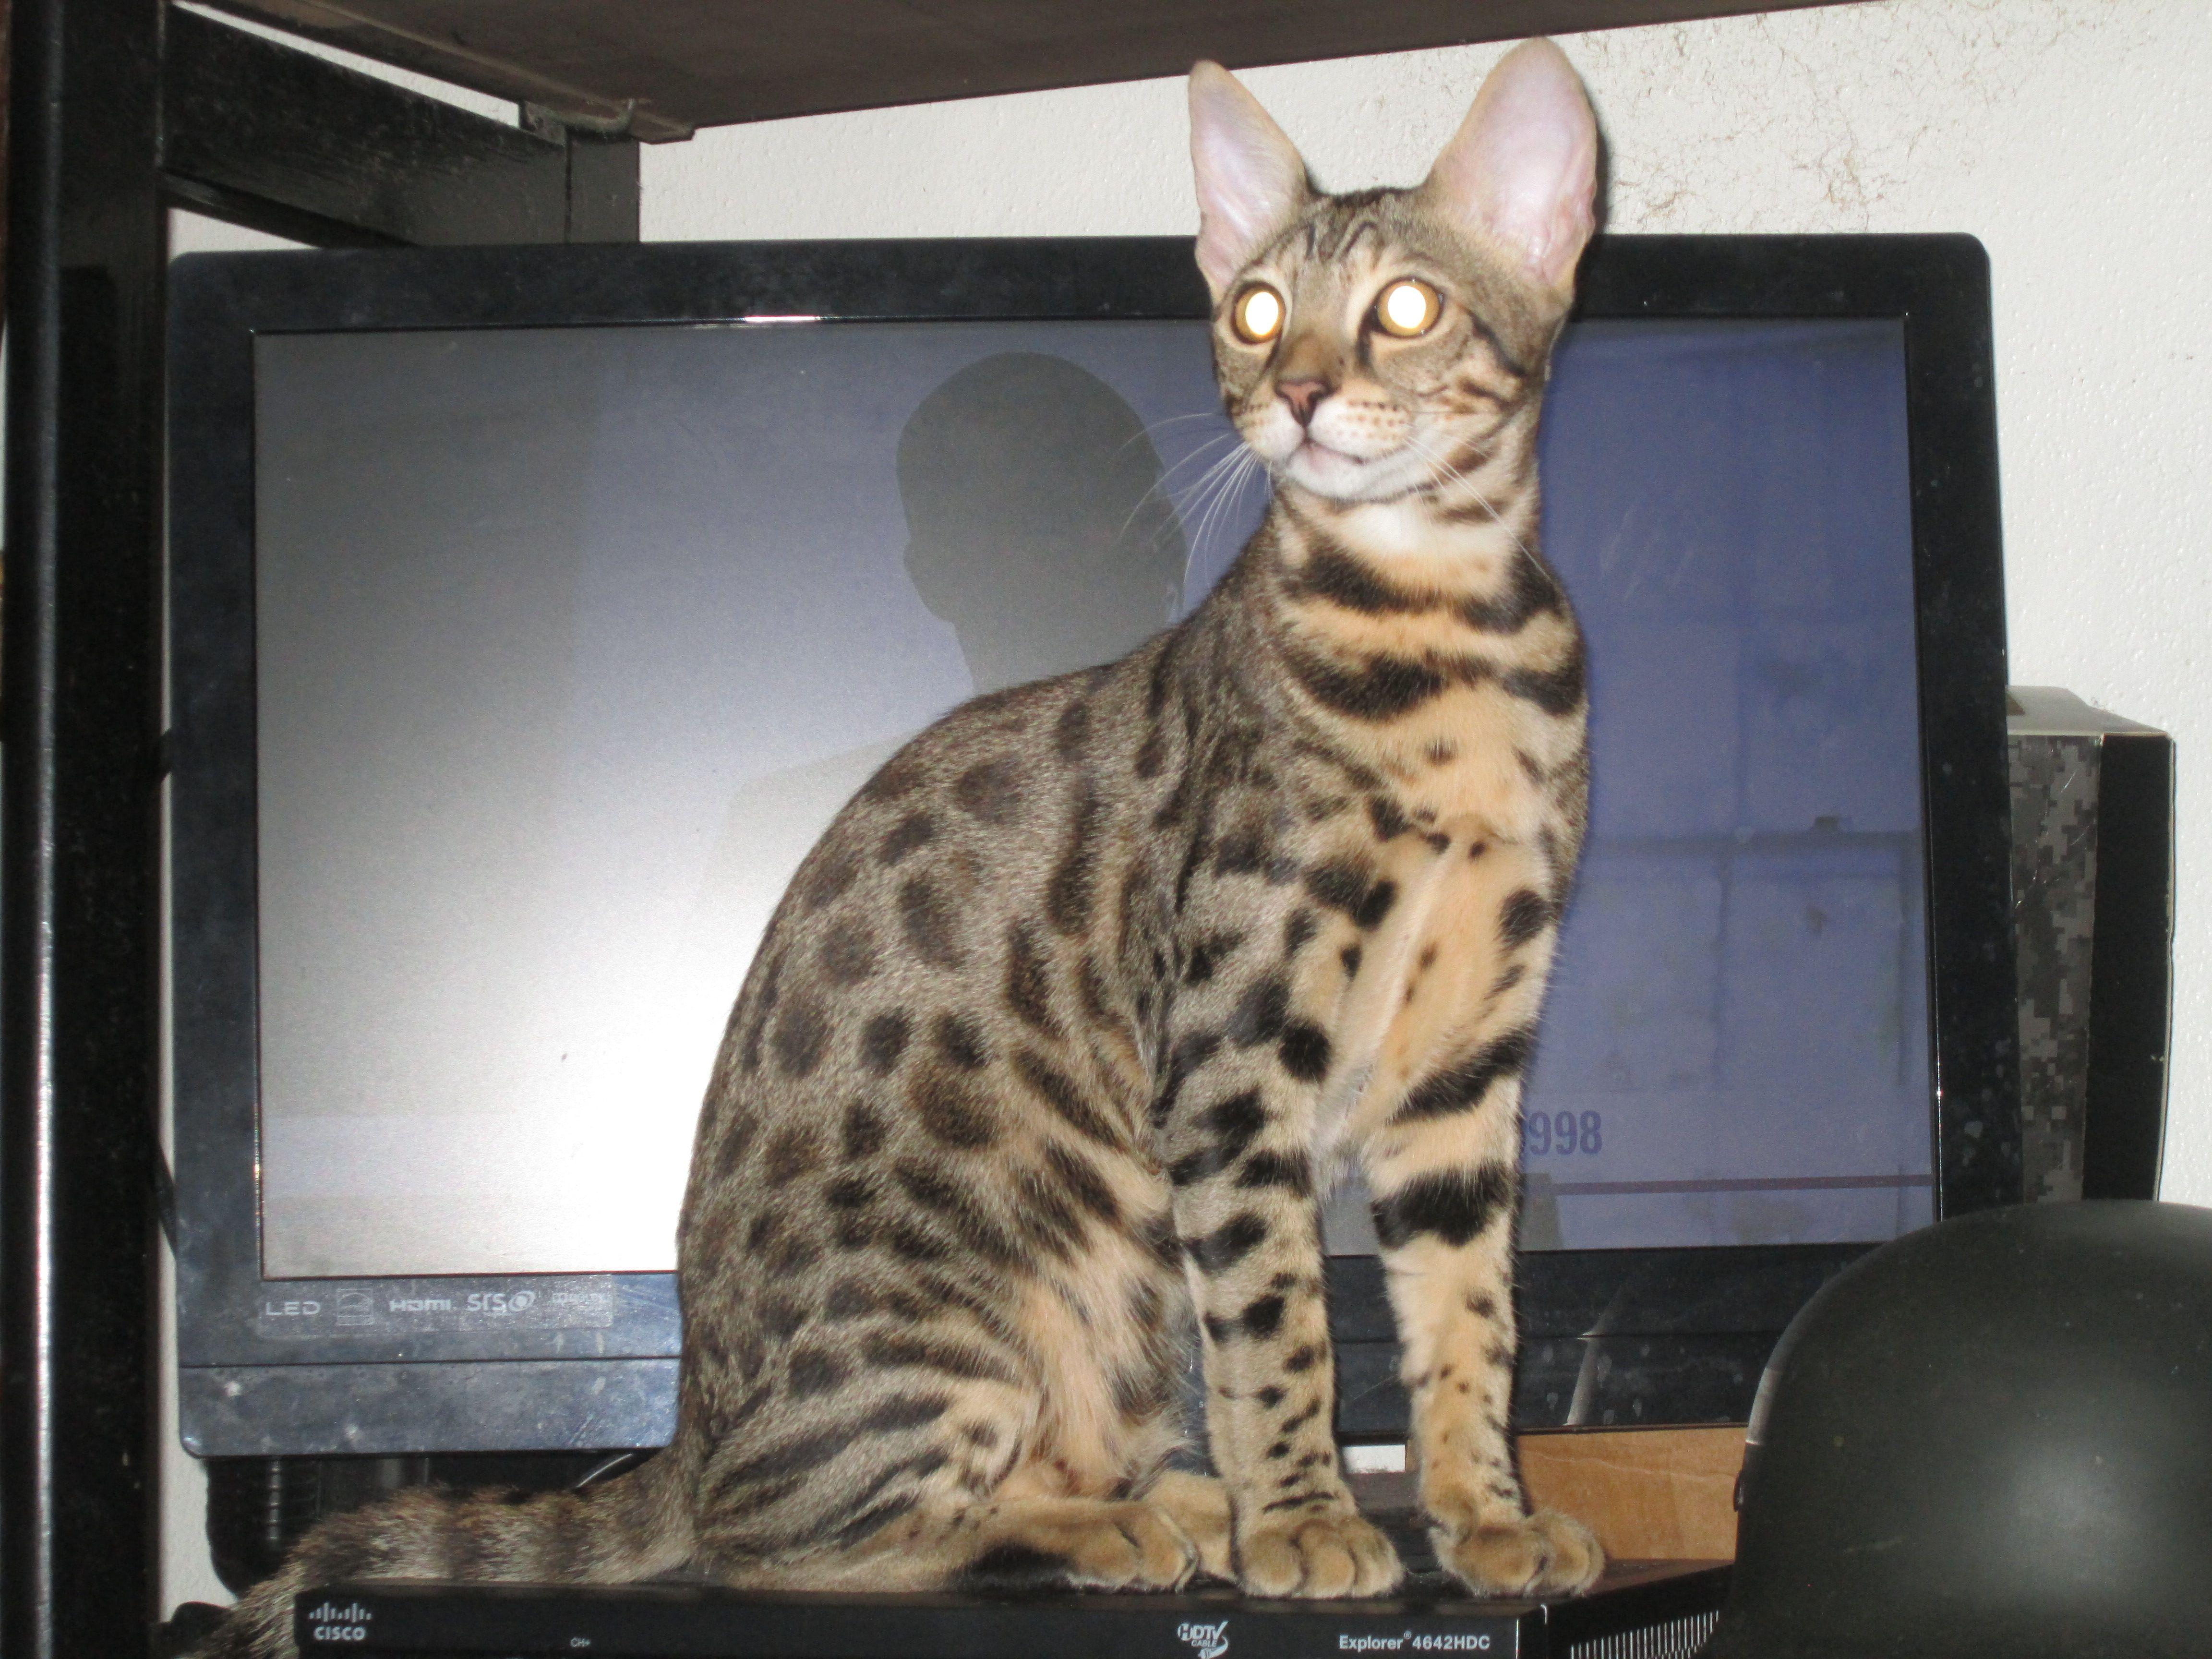 Meine Savannah Katze Oz, 5 Monate Alte Cats, Animals